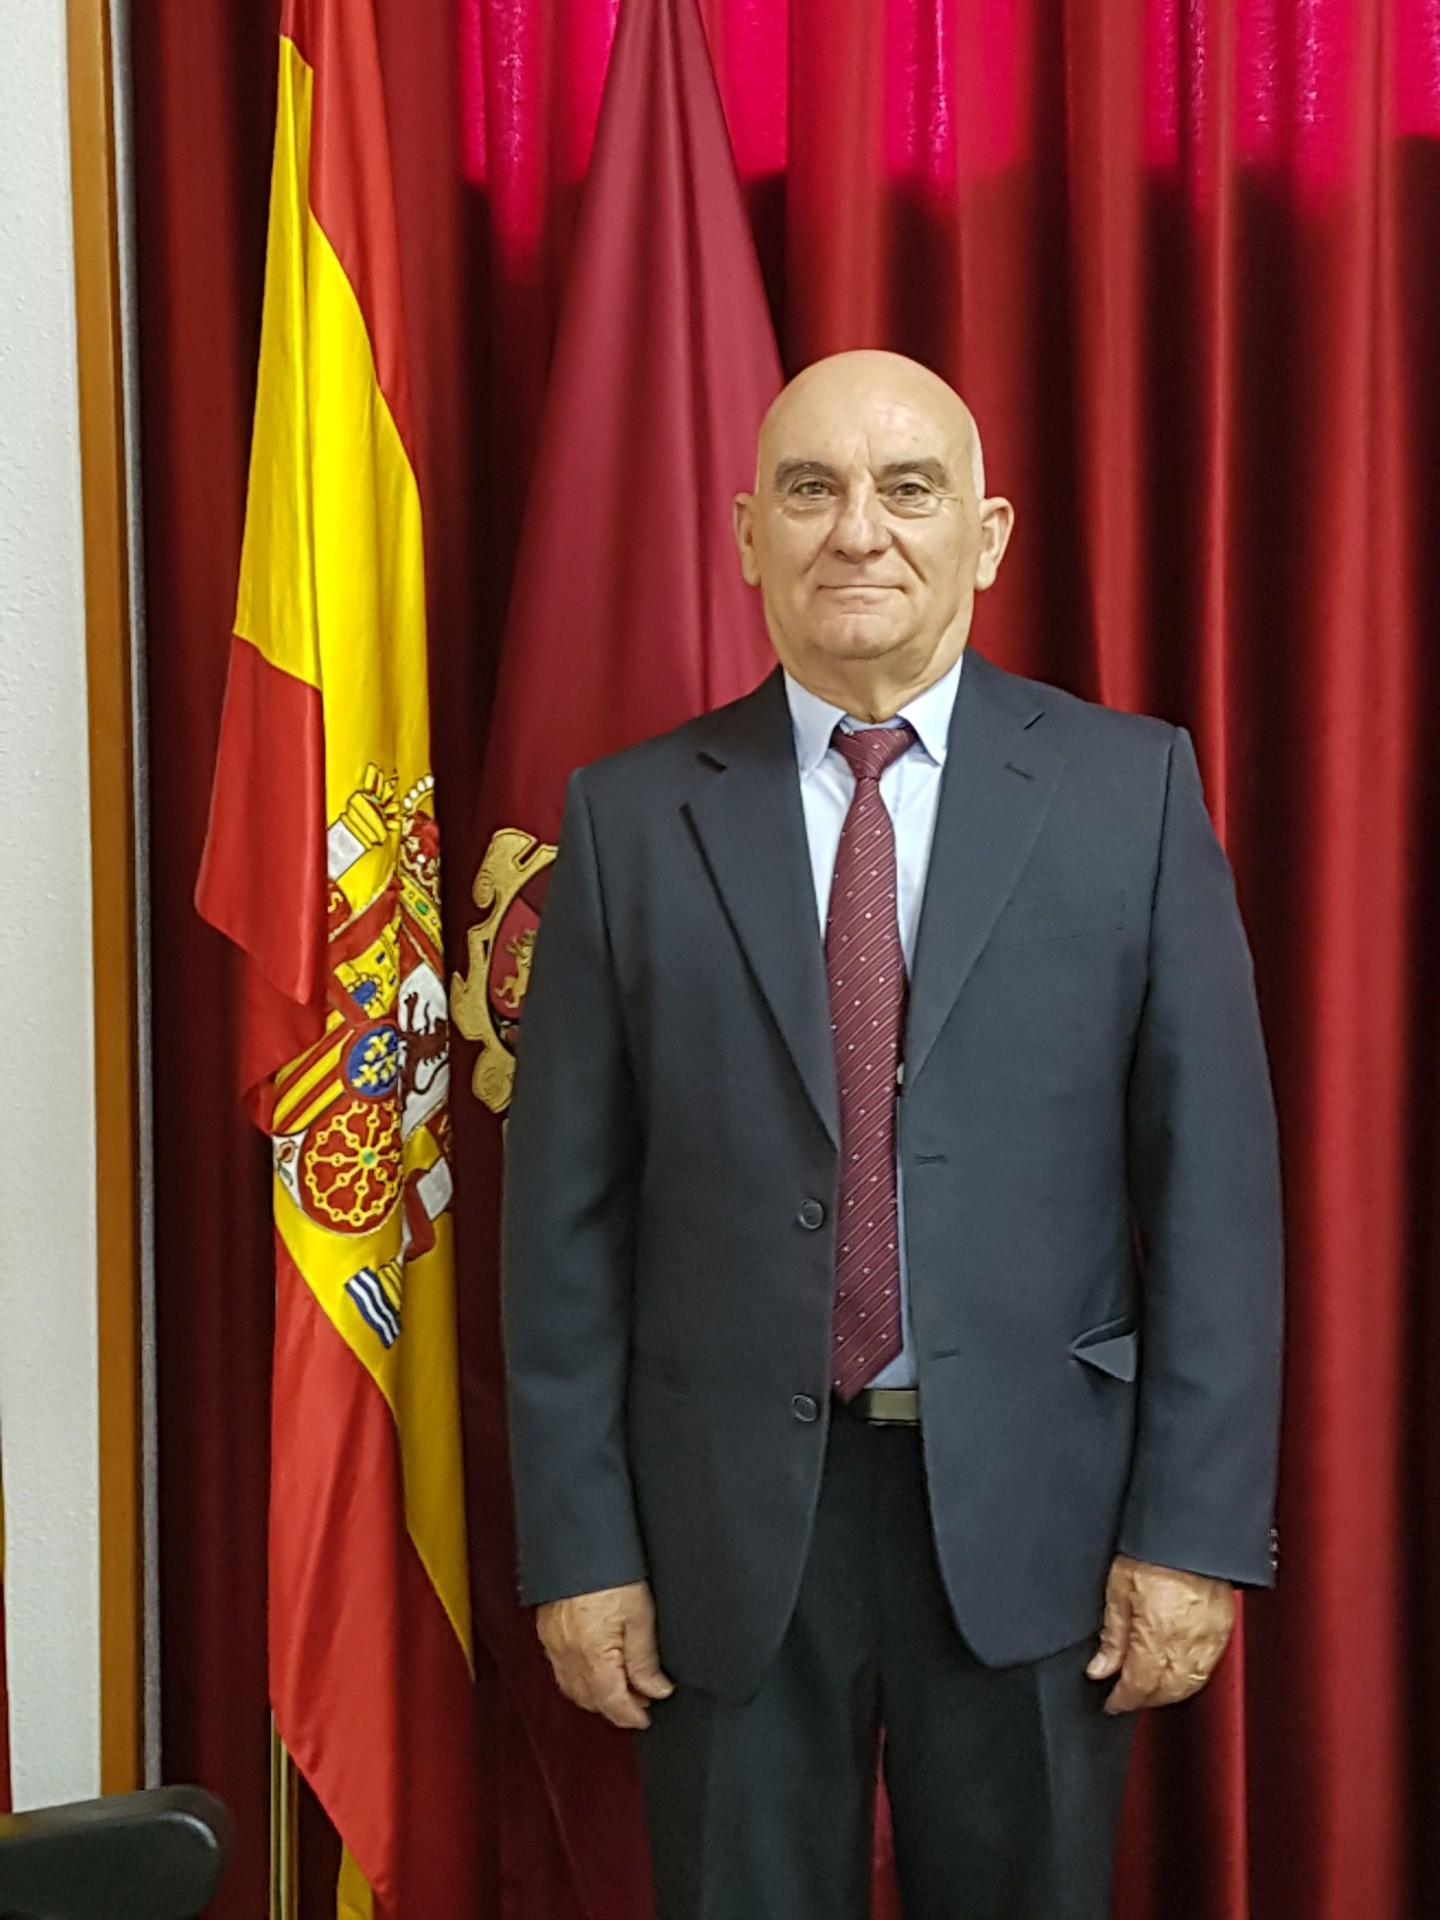 Juez Francisco Simón